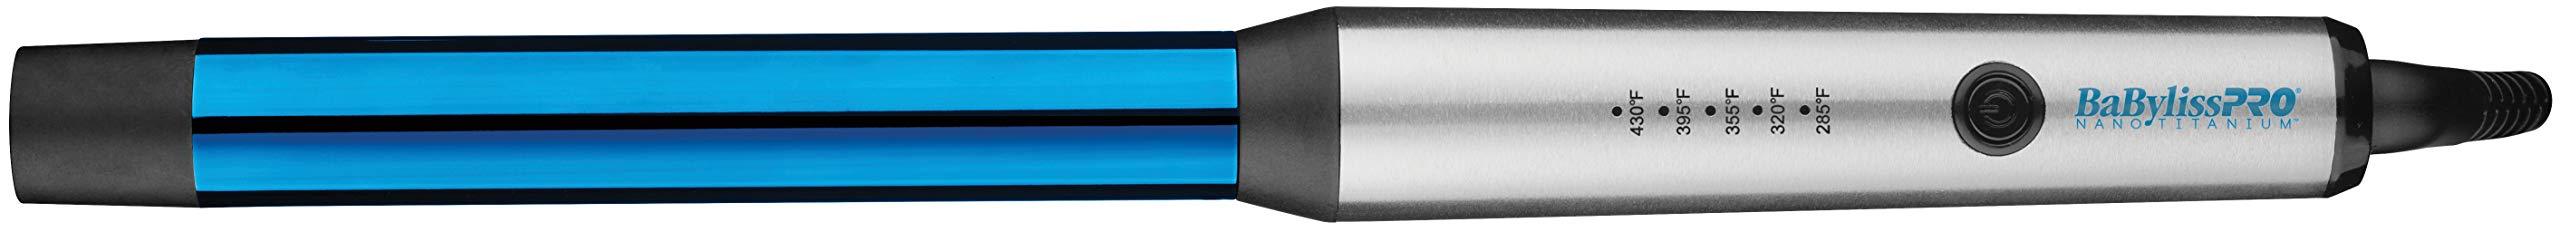 """BaBylissPRO BaBYlissPRO Nano Titanium 1"""" Curling Wand, 1 lb - 51ZCS4PImIL - BaBylissPRO Nano Titanium Curling Wand, 1 inch"""